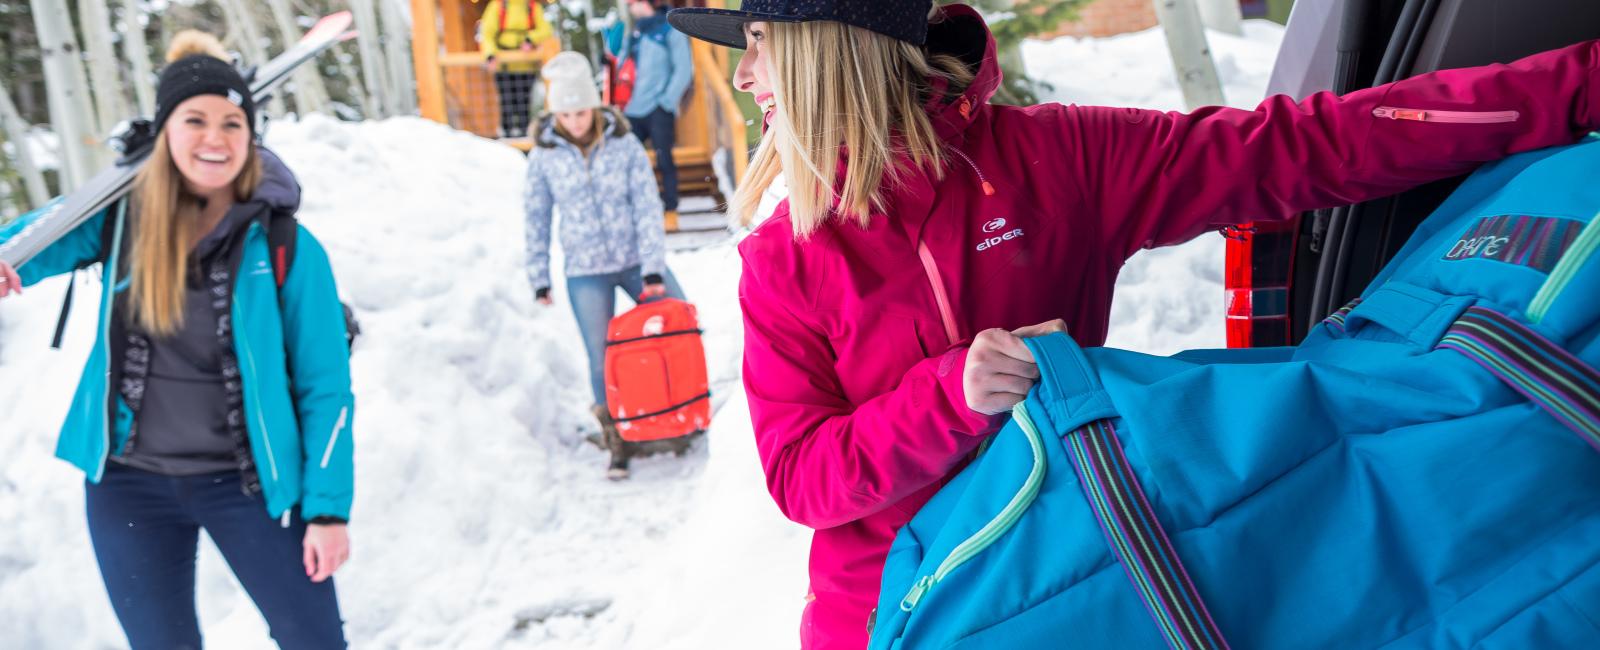 Ikon Pass: Utah Ski & Snowboard Trip Planning Kit